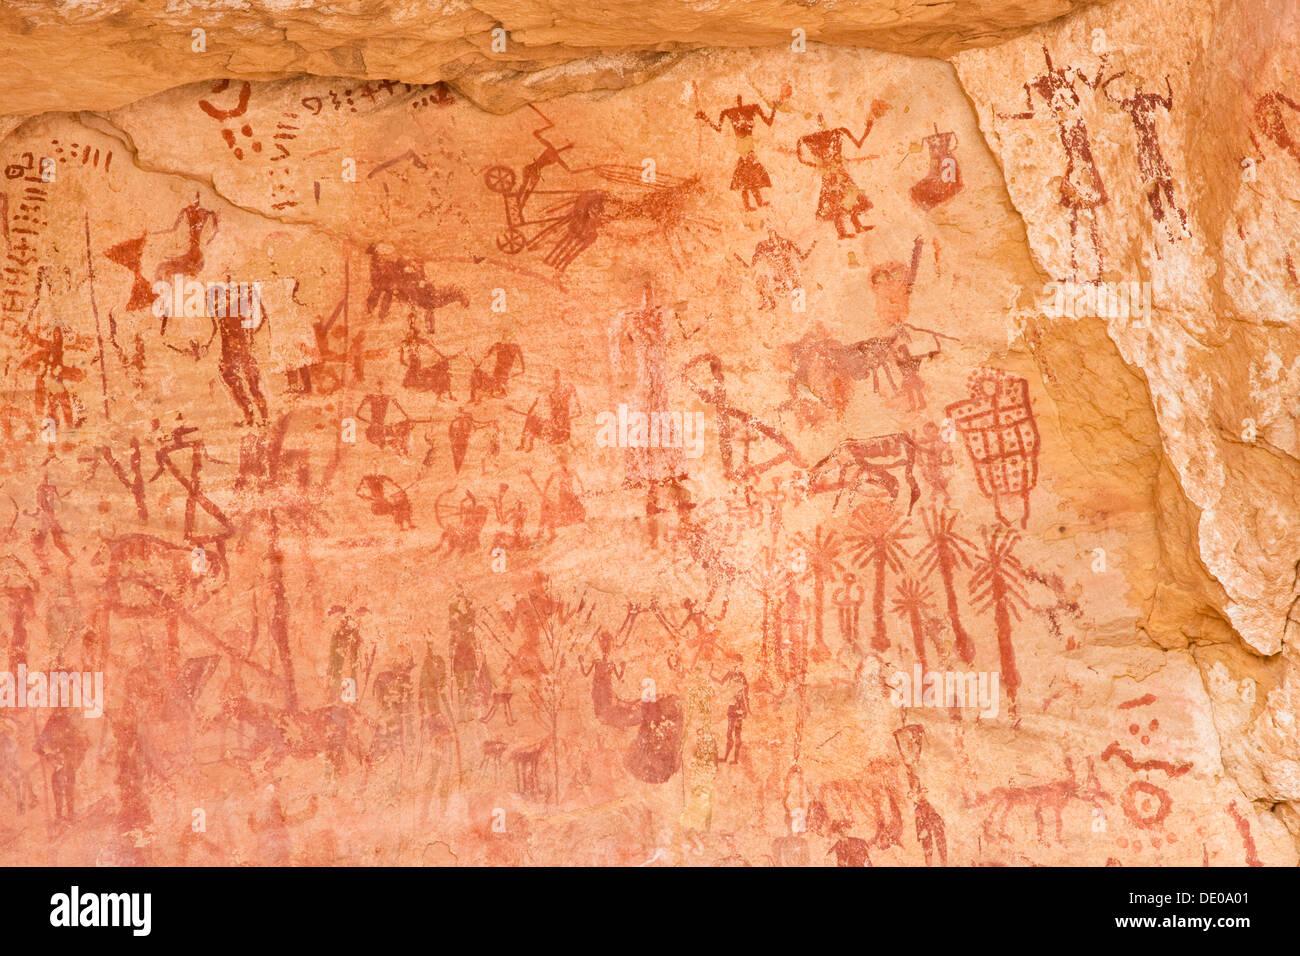 Rock des dessins préhistoriques dans la vallée de la Tadrart Akakus, montagnes, désert de Libye, Maroc, Sahara, Afrique du Nord, Afrique Photo Stock